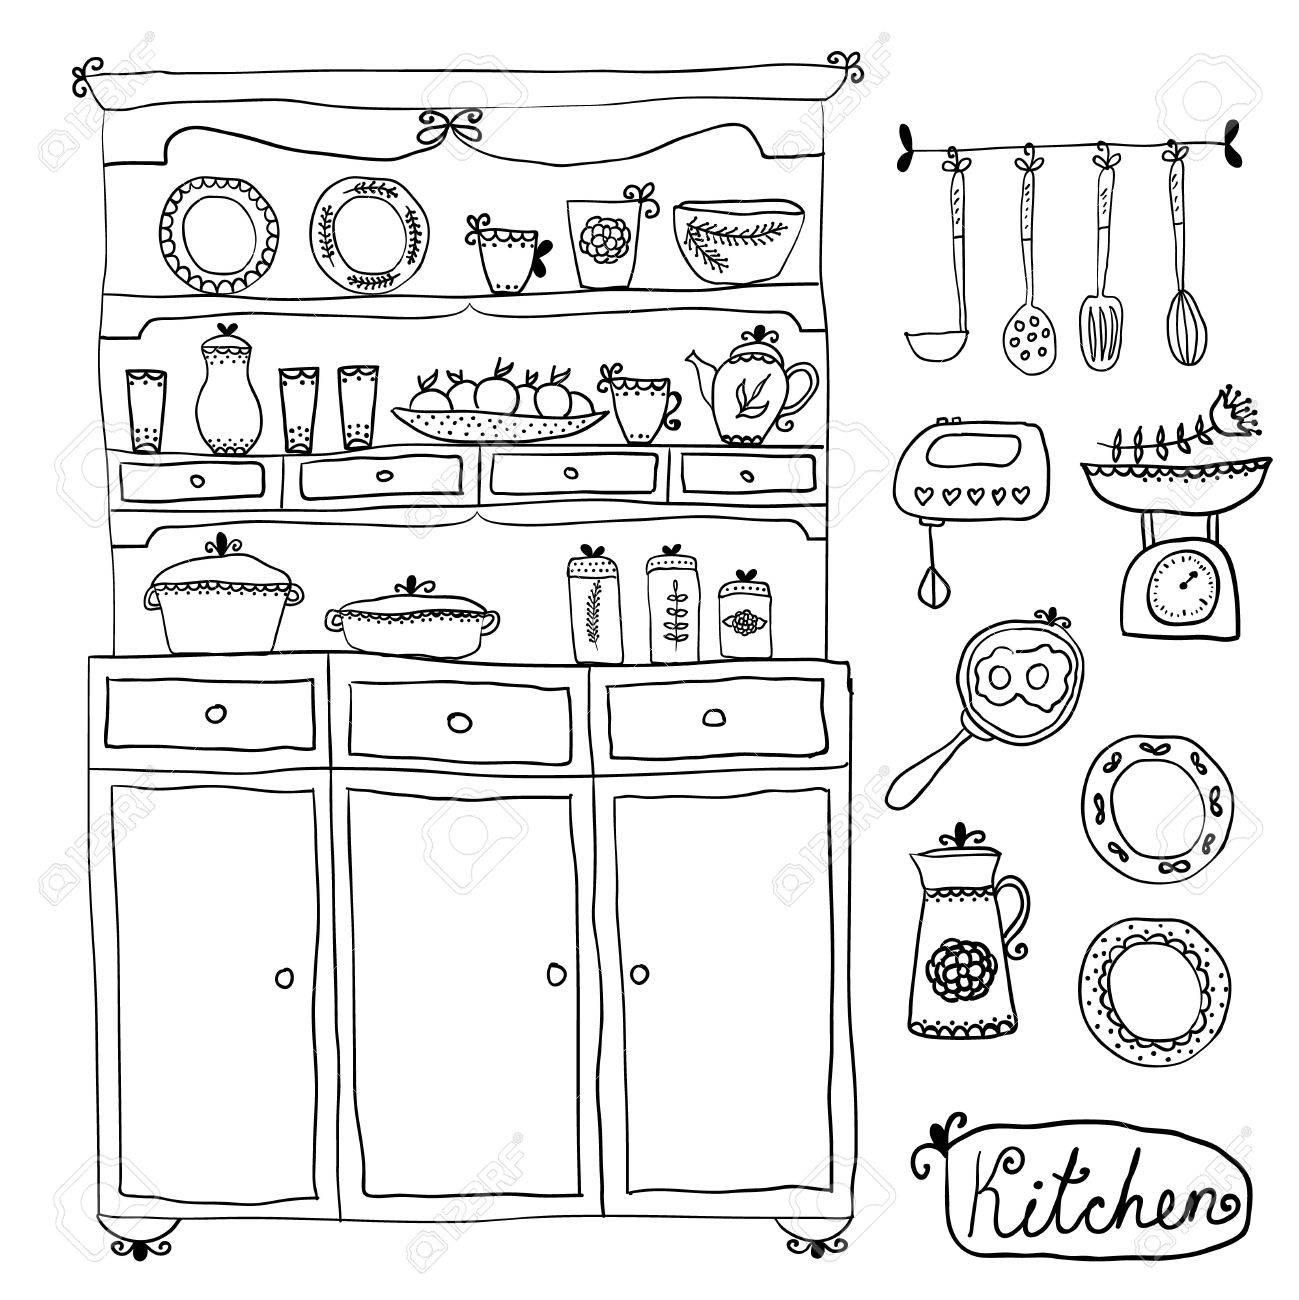 kitchen set in vector. Design elements kitchen Cabinet, kitchen..